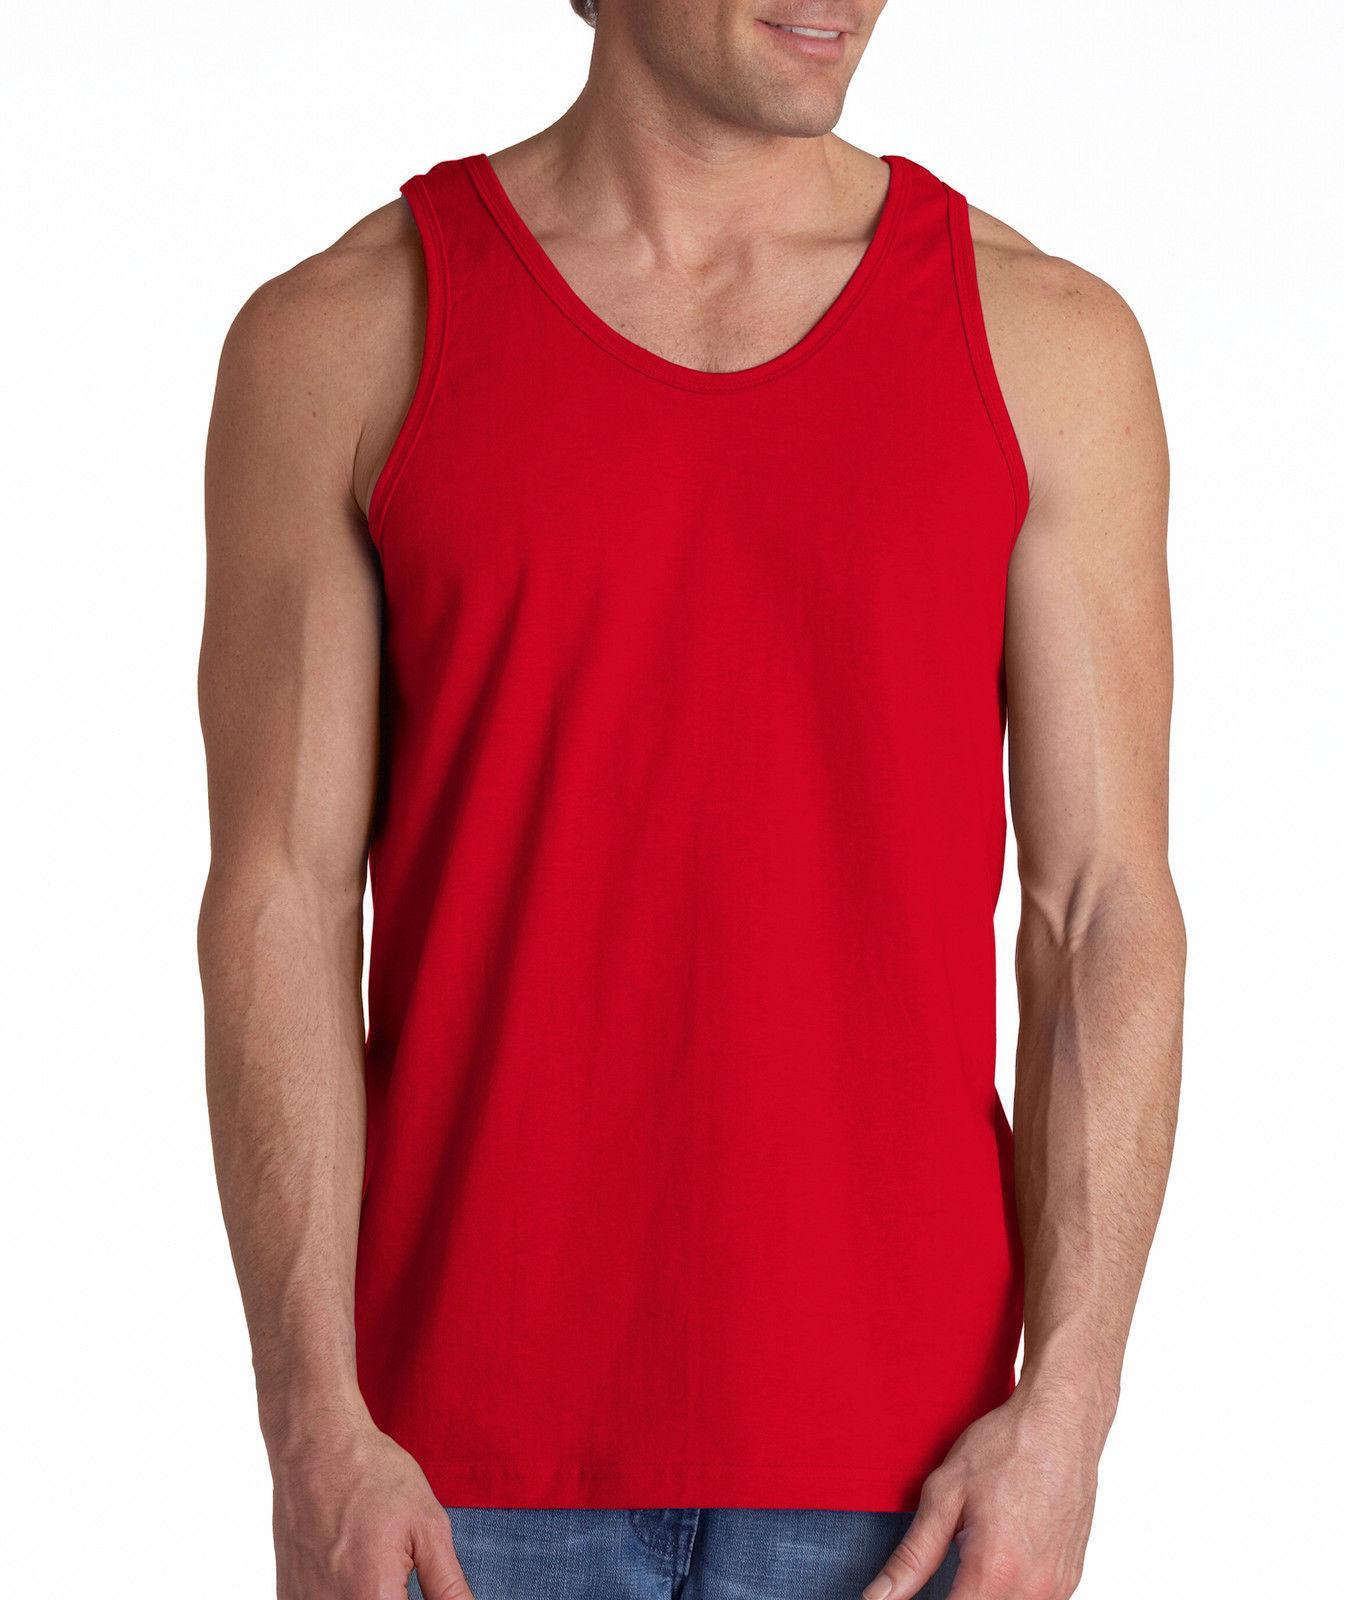 Men's Gym Tee A-Shirt NEW